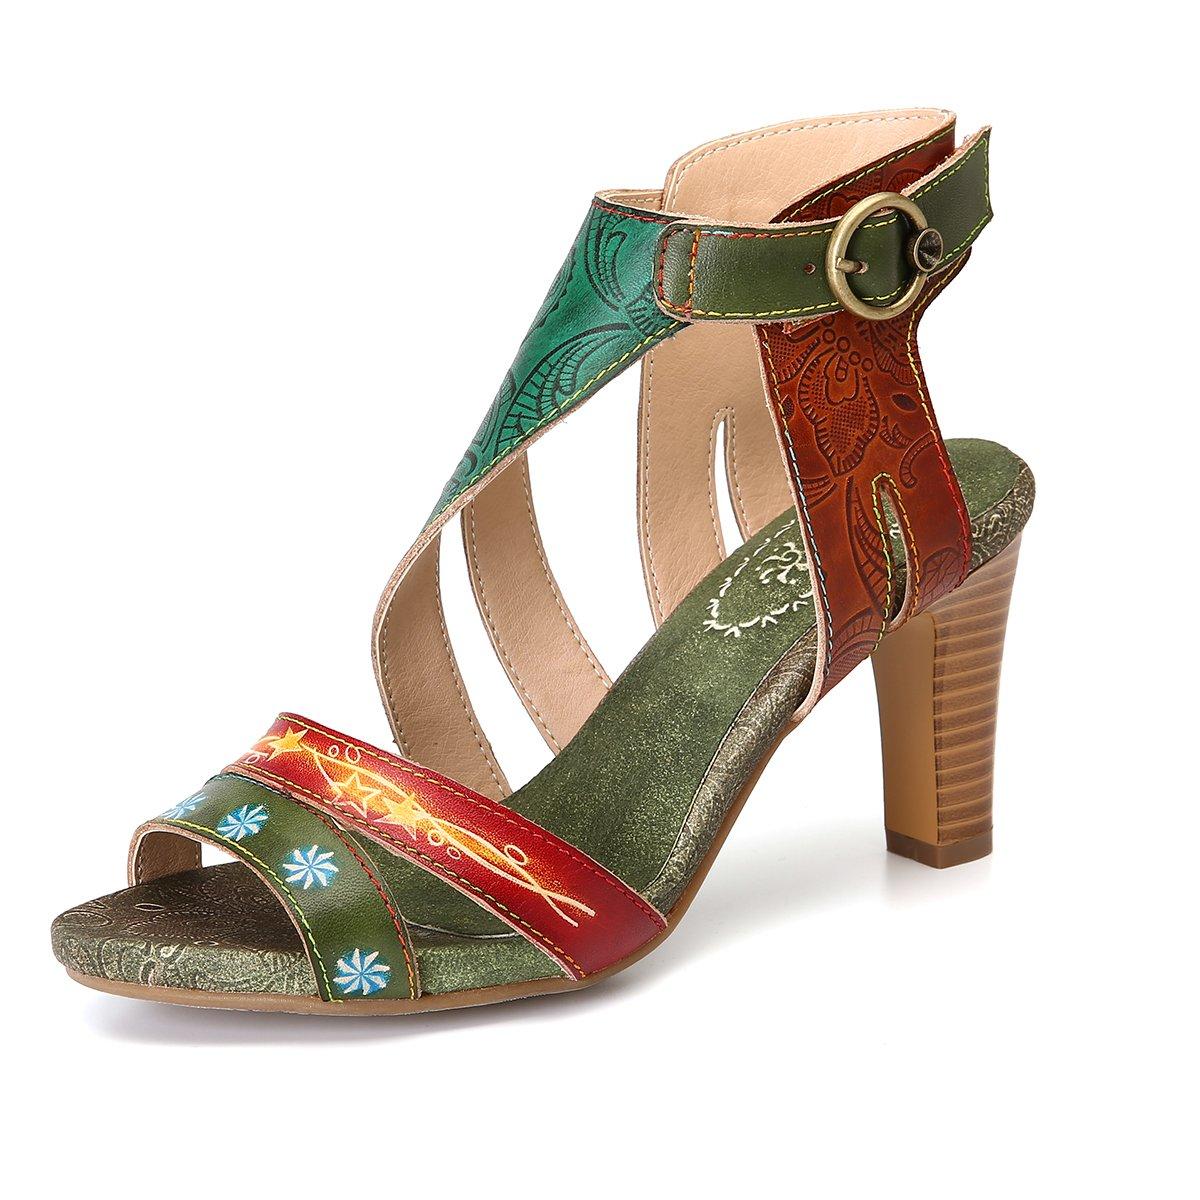 Green gracosy Heel Sandals, Women Leather Sandals Summer Dress Sandal Handmade Comfort Heel Wedding Party shoes